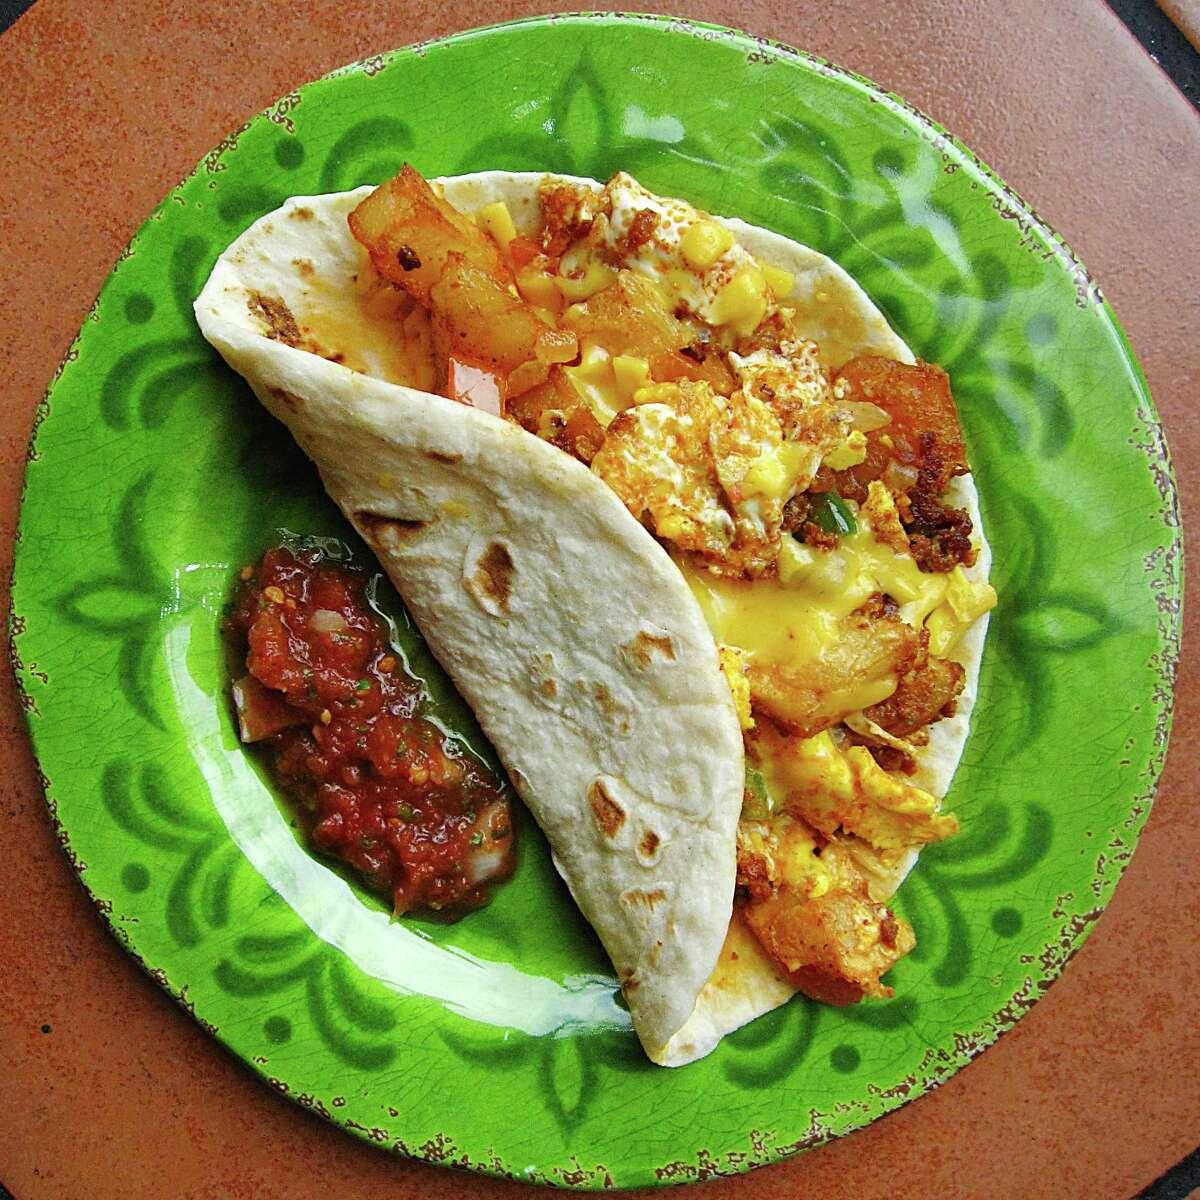 Taco Riendo. 6624 San Pedro Ave., 210-824-9130, tacoriendotx.com